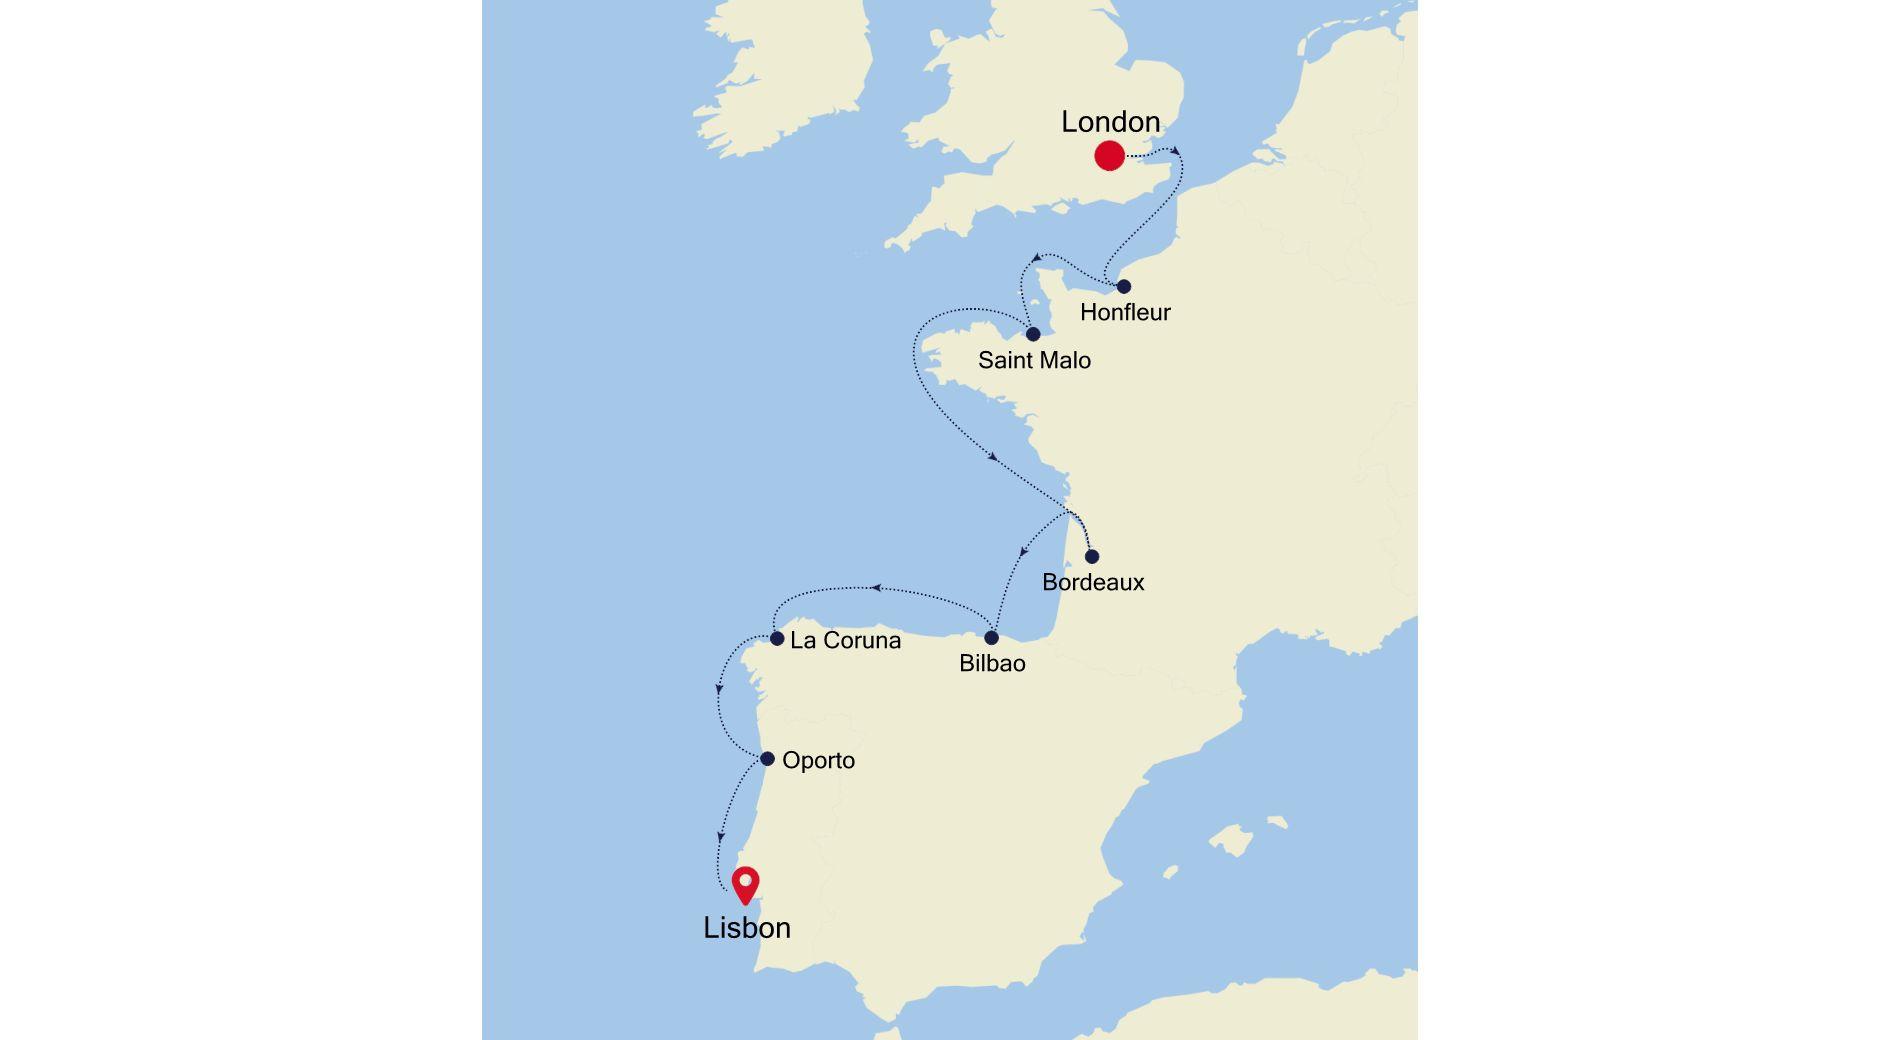 SL200914011 - London a Lisbon